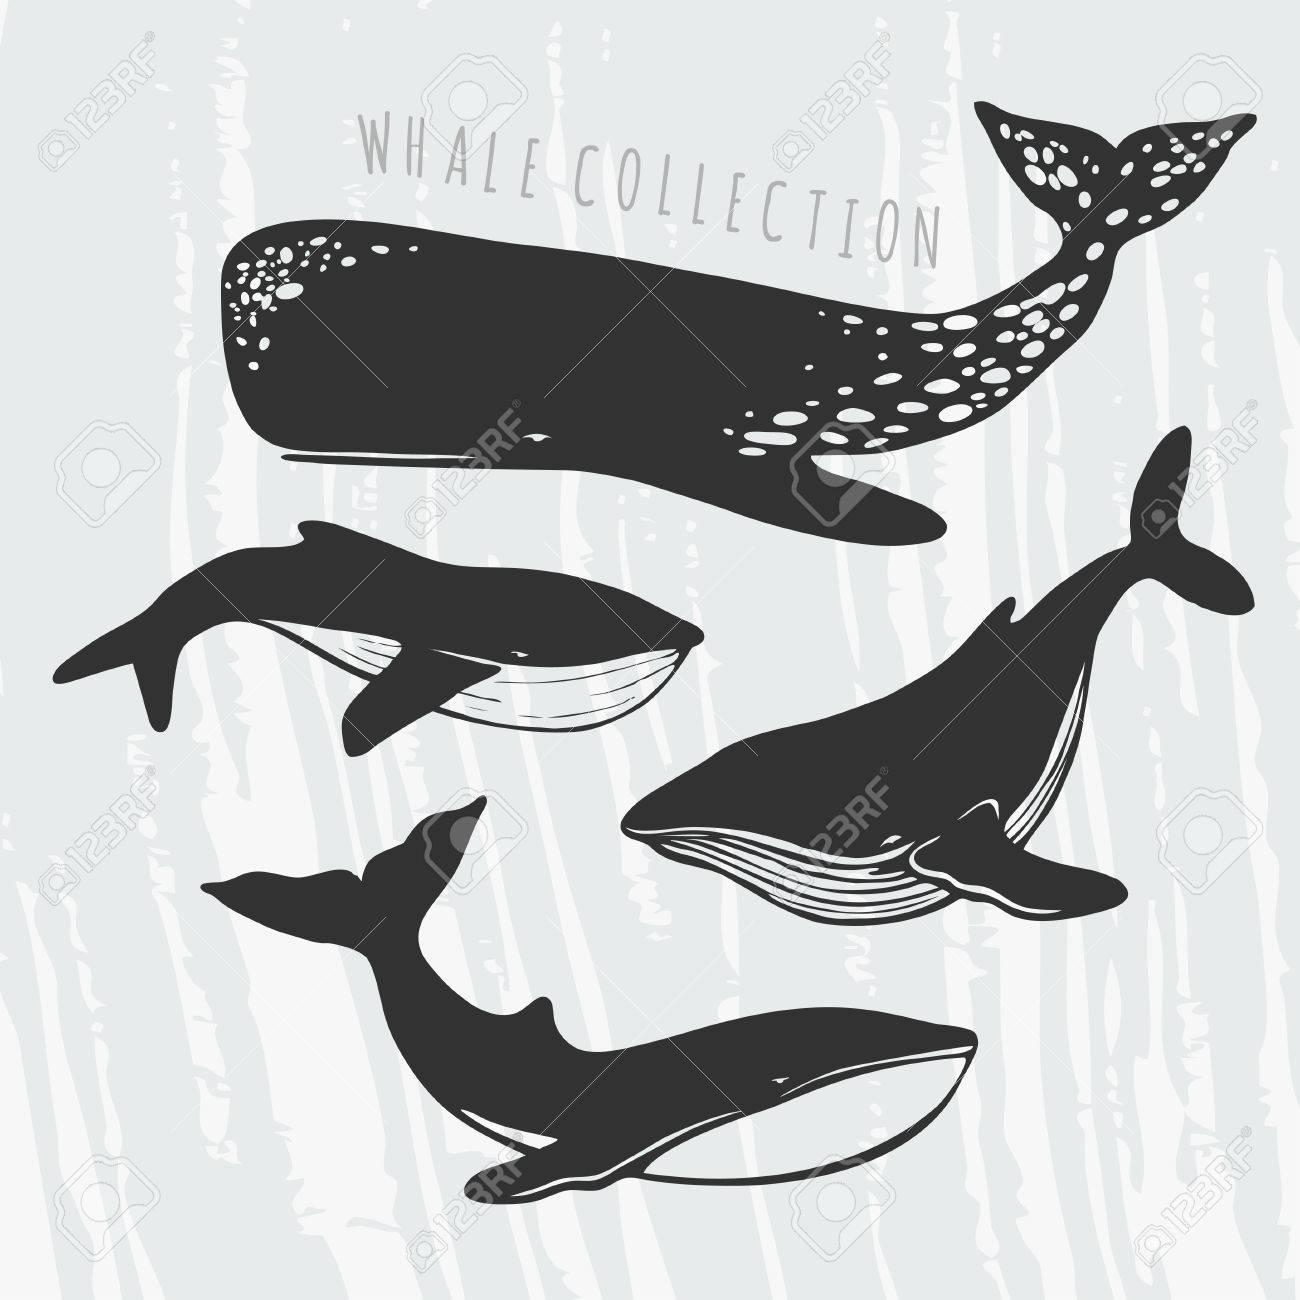 Illustration Der Verschiedenen Wale: Cachalot, Orca, Große Blauwal ...